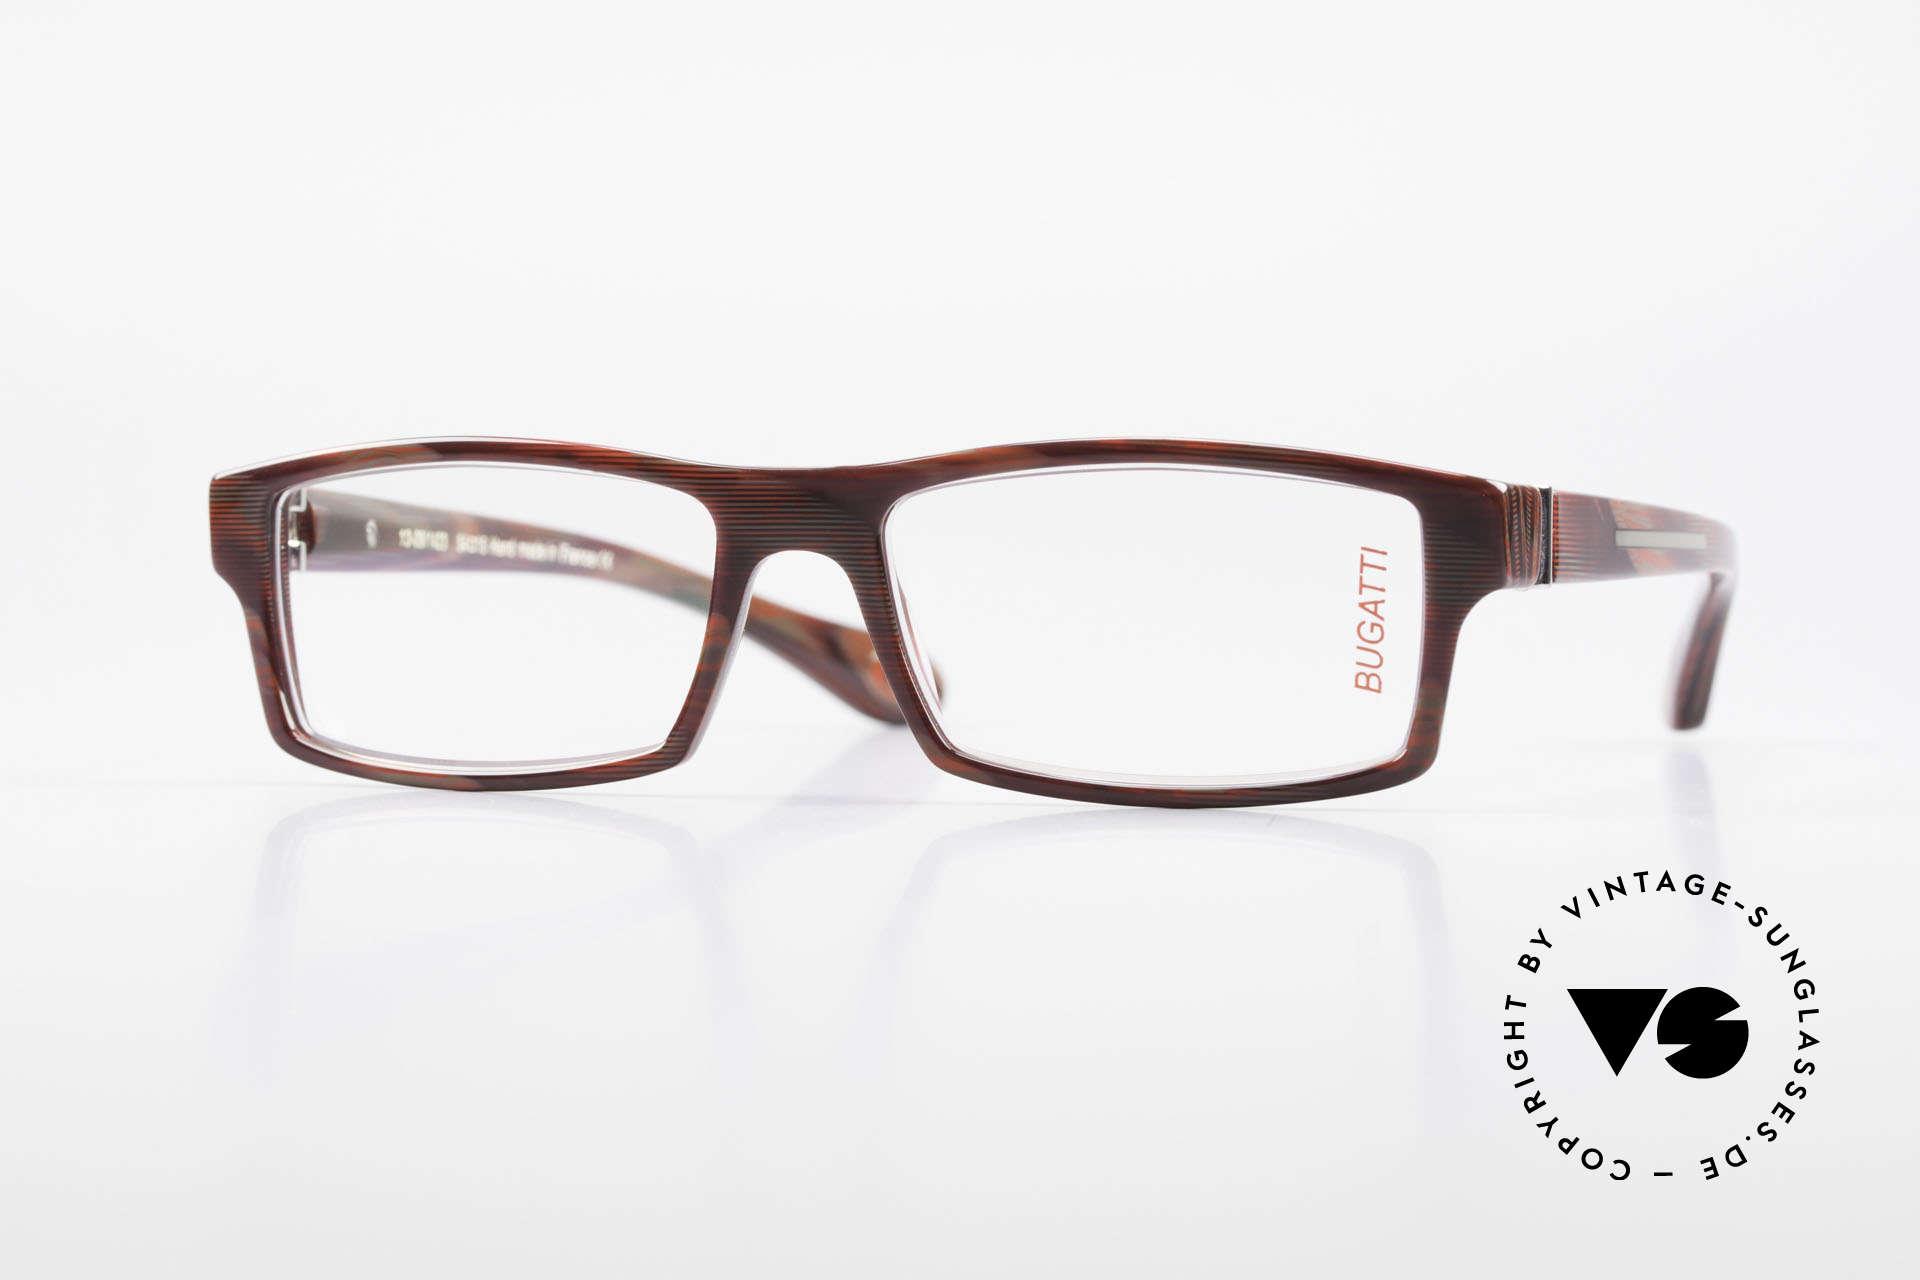 Bugatti 486 Eckige Designer Herrenbrille, markante high-tech Brillenfassung von Bugatti, Passend für Herren